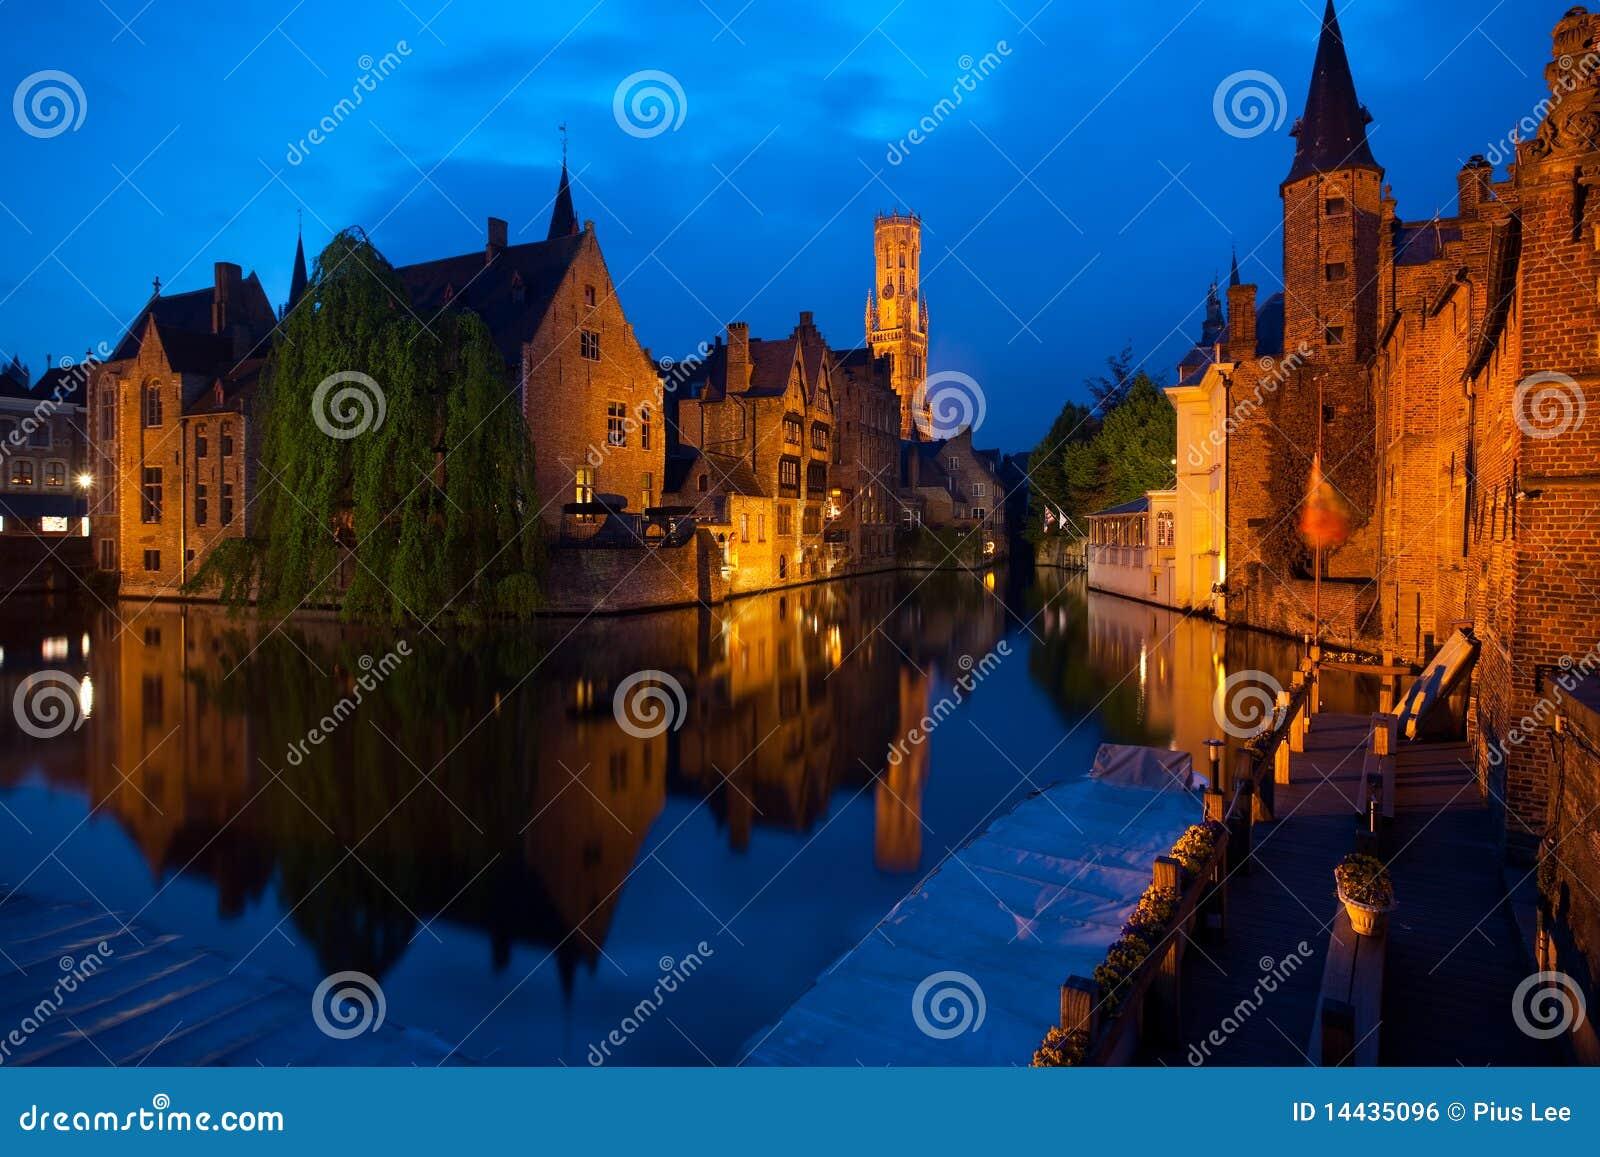 Vieille ville de Bruges la nuit